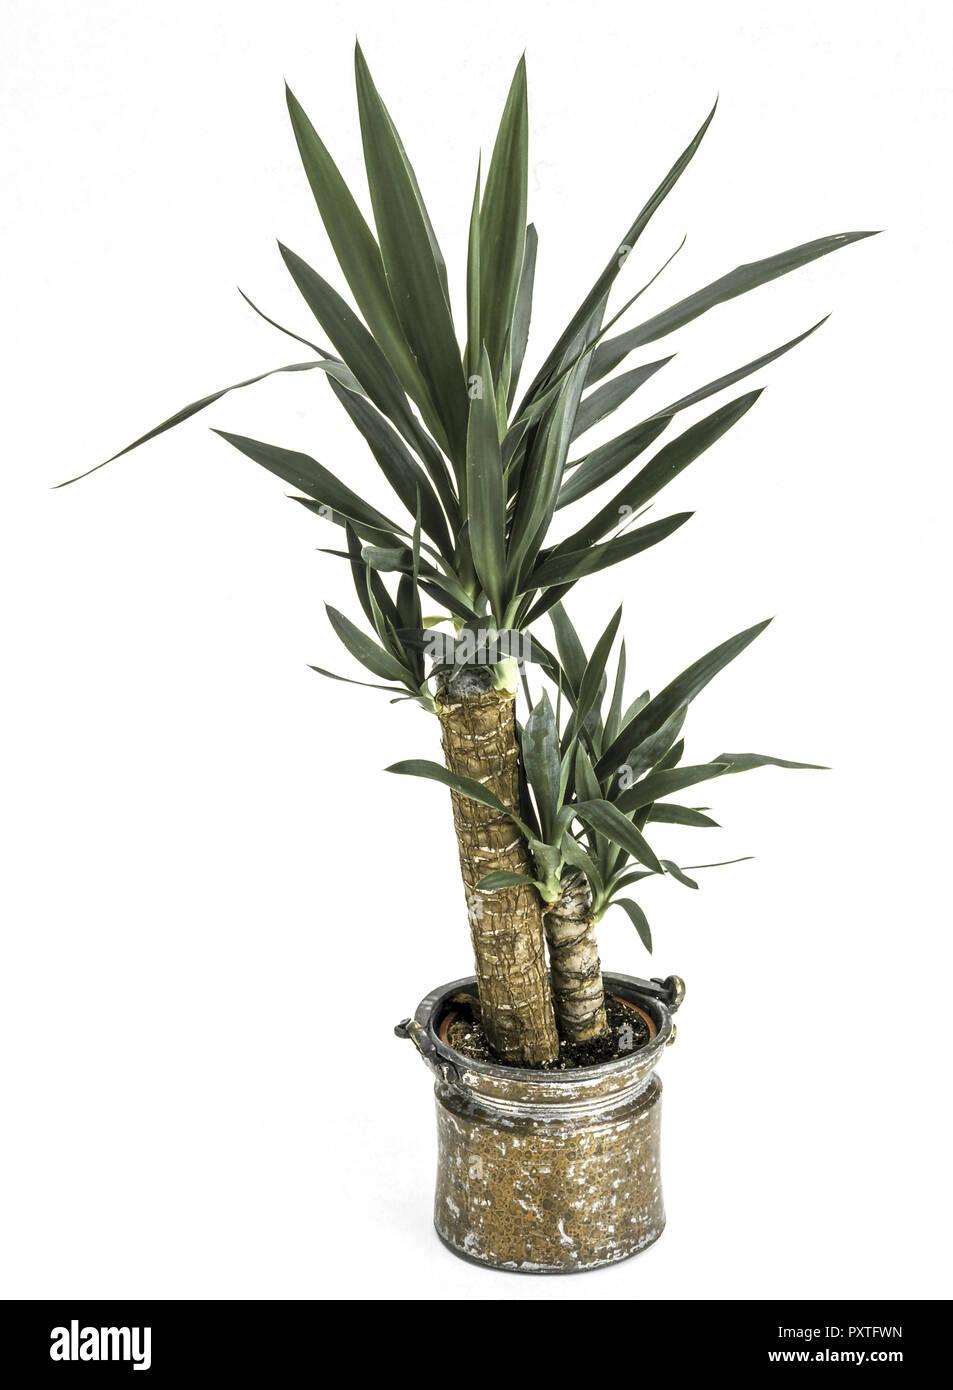 Zimmerpflanzen, Yucca Palme in einem Topf, Zimmerpflanzen, Yucca ...